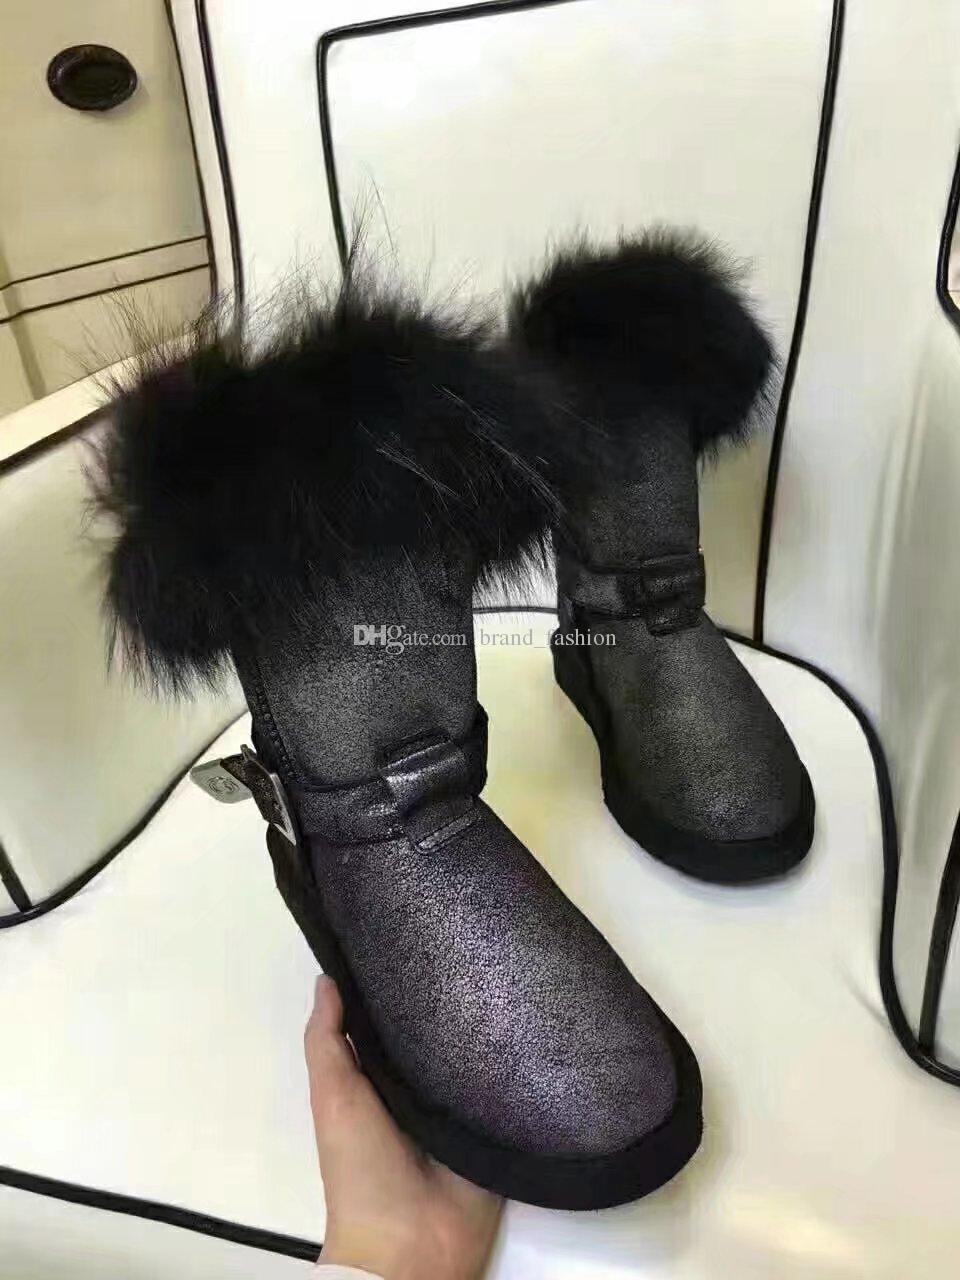 Botas de neve de pele de raposa inverno sapatos Botas de inverno de pele de vaca quente moda calcanhar